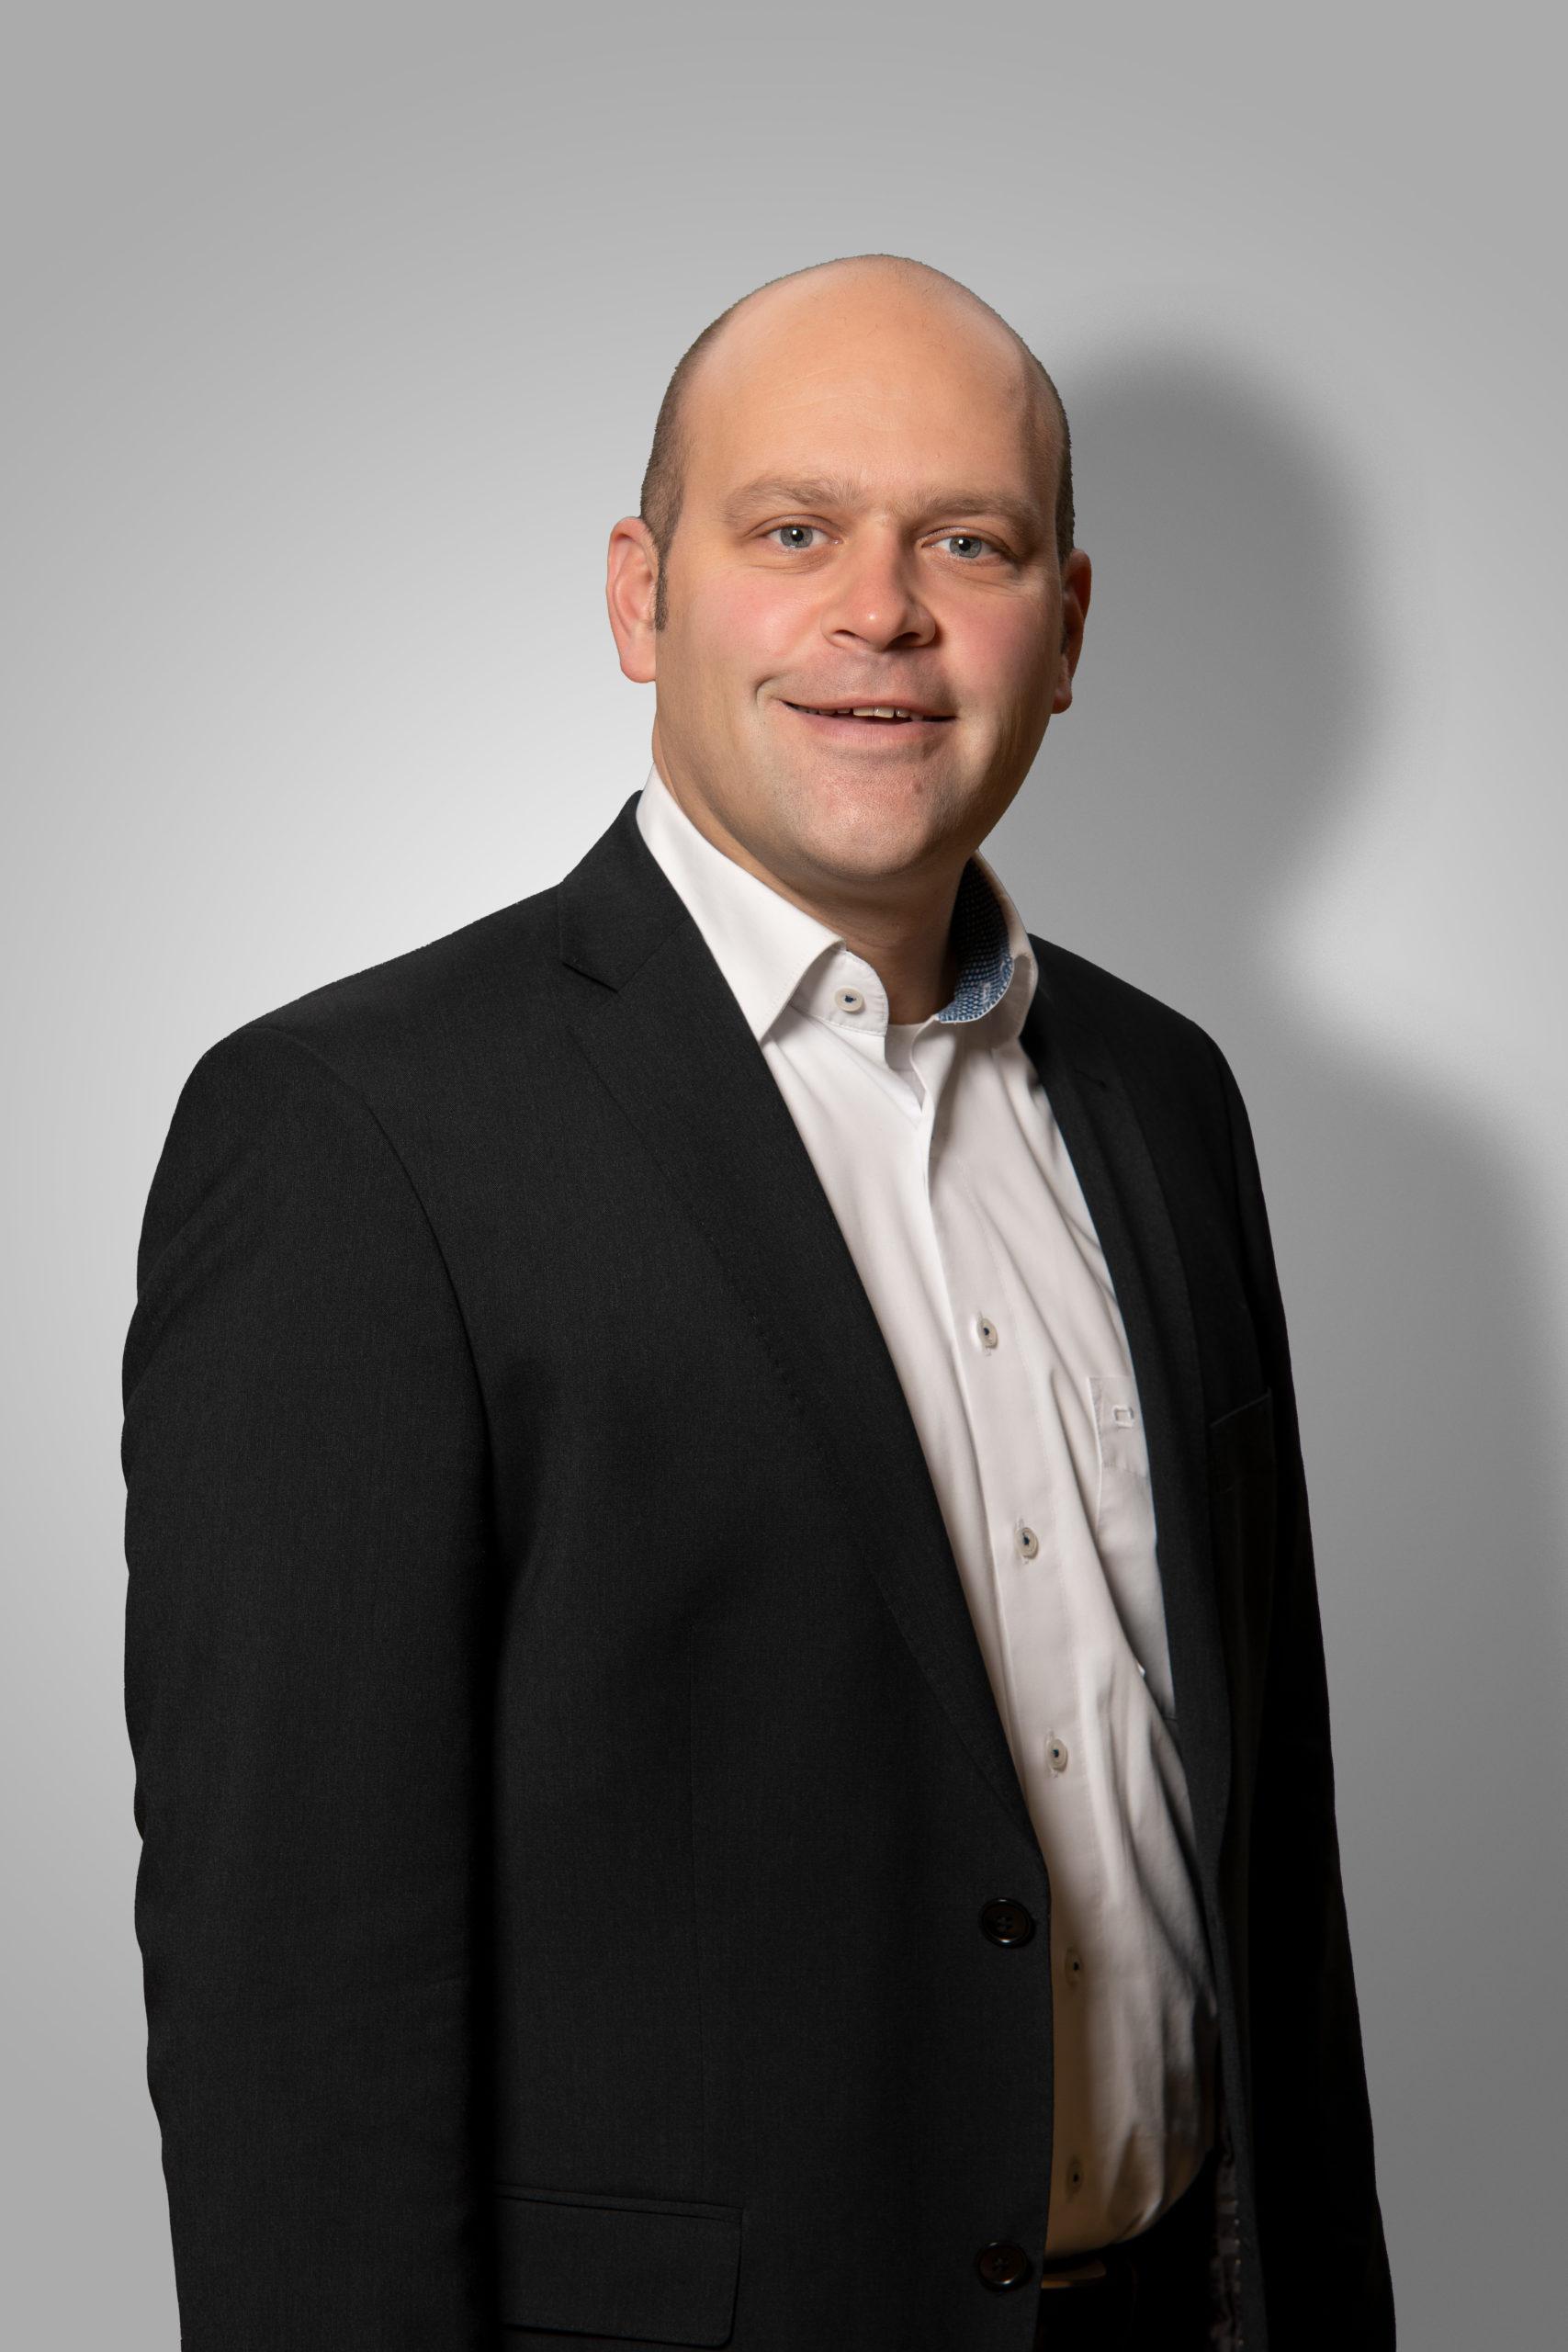 Daniel Tybussek